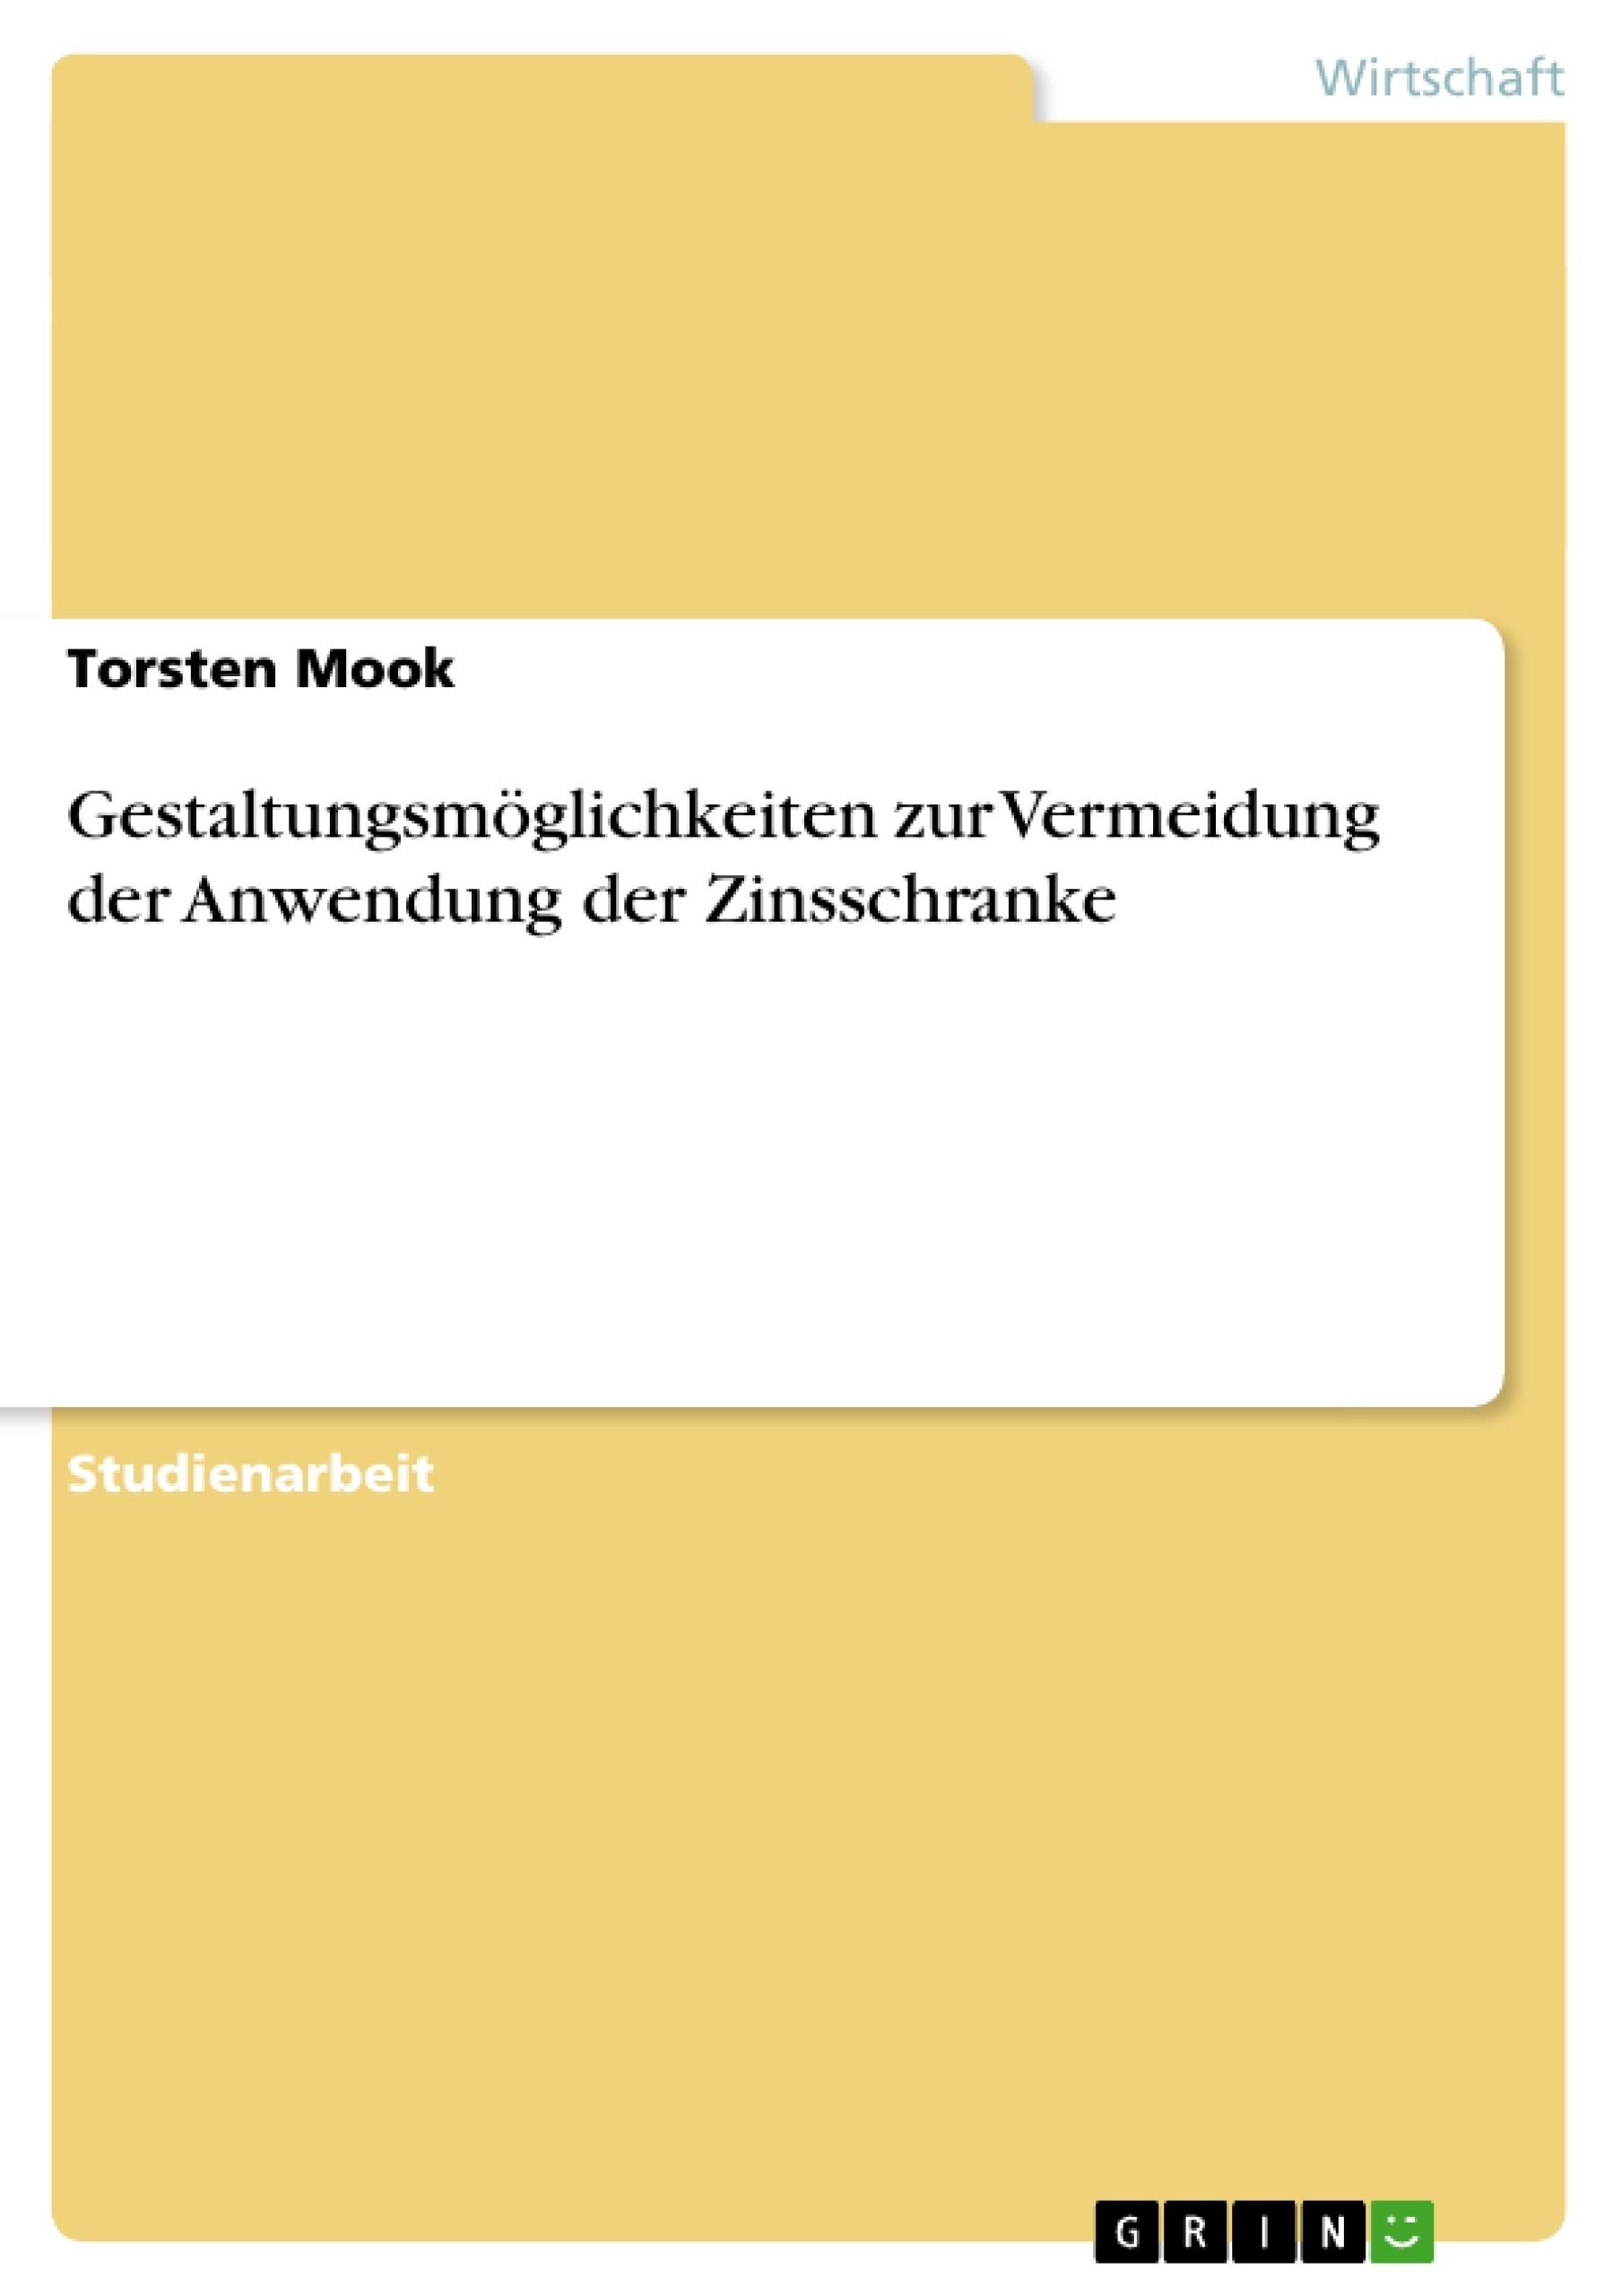 Titel: Gestaltungsmöglichkeiten zur Vermeidung der Anwendung der Zinsschranke